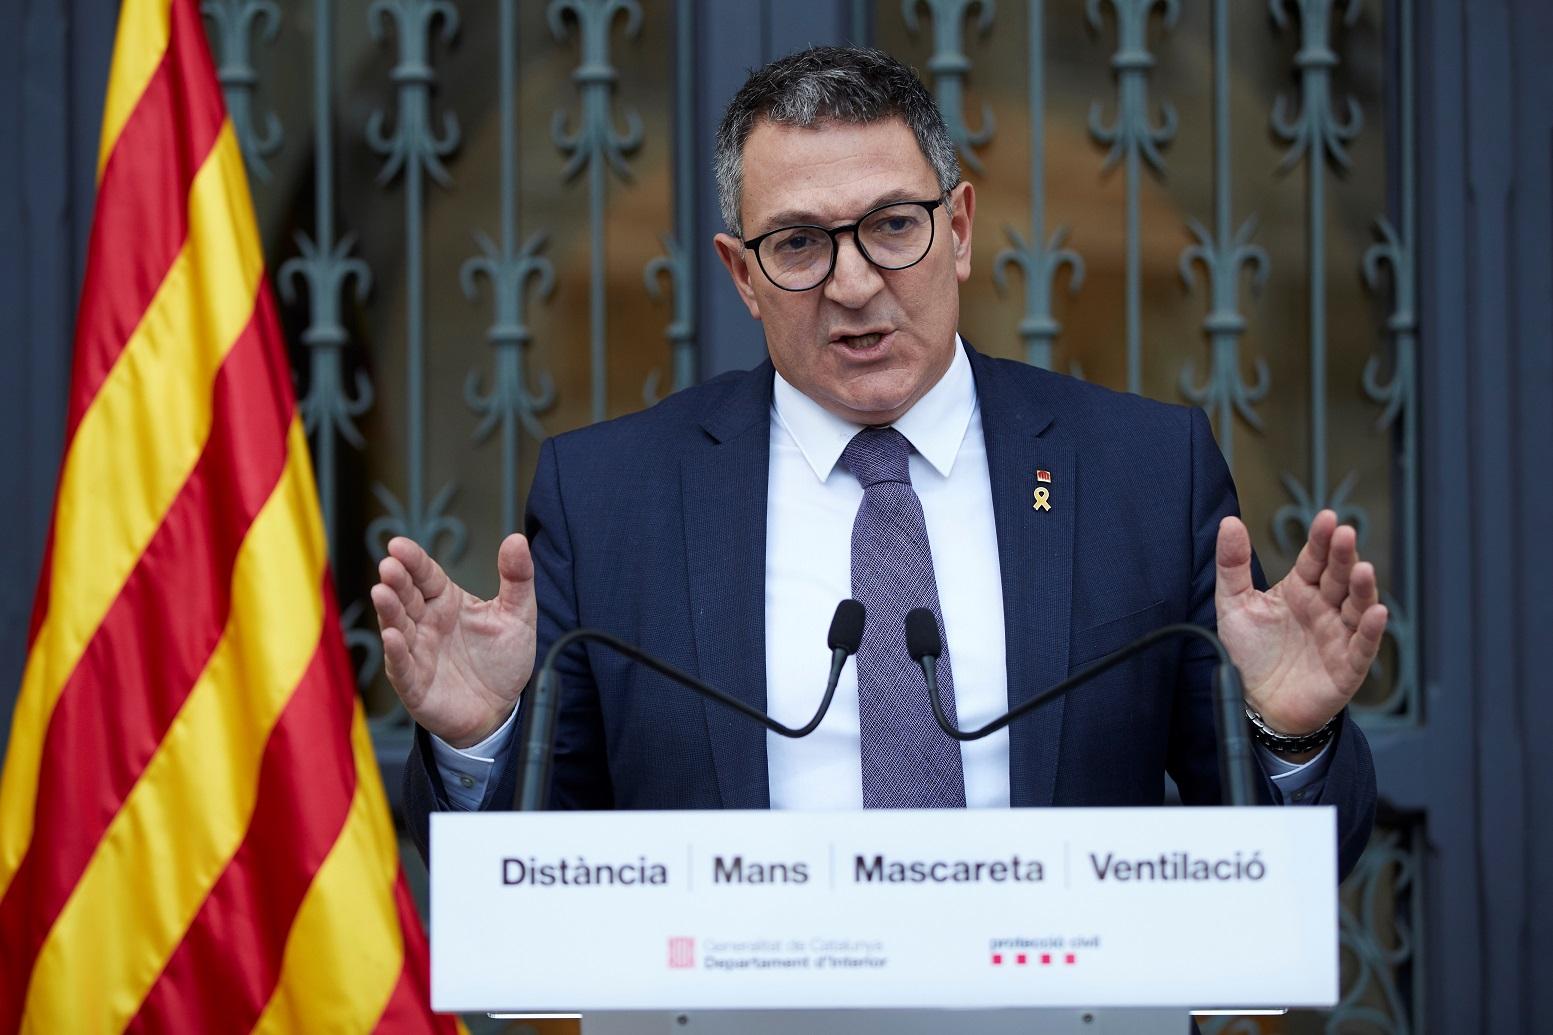 El consejero catalán de Interior, Miquel Sàmper, durante una rueda de prensa en Barcelona, el 18 de febrero de 2021   EFE/AG/Archivo